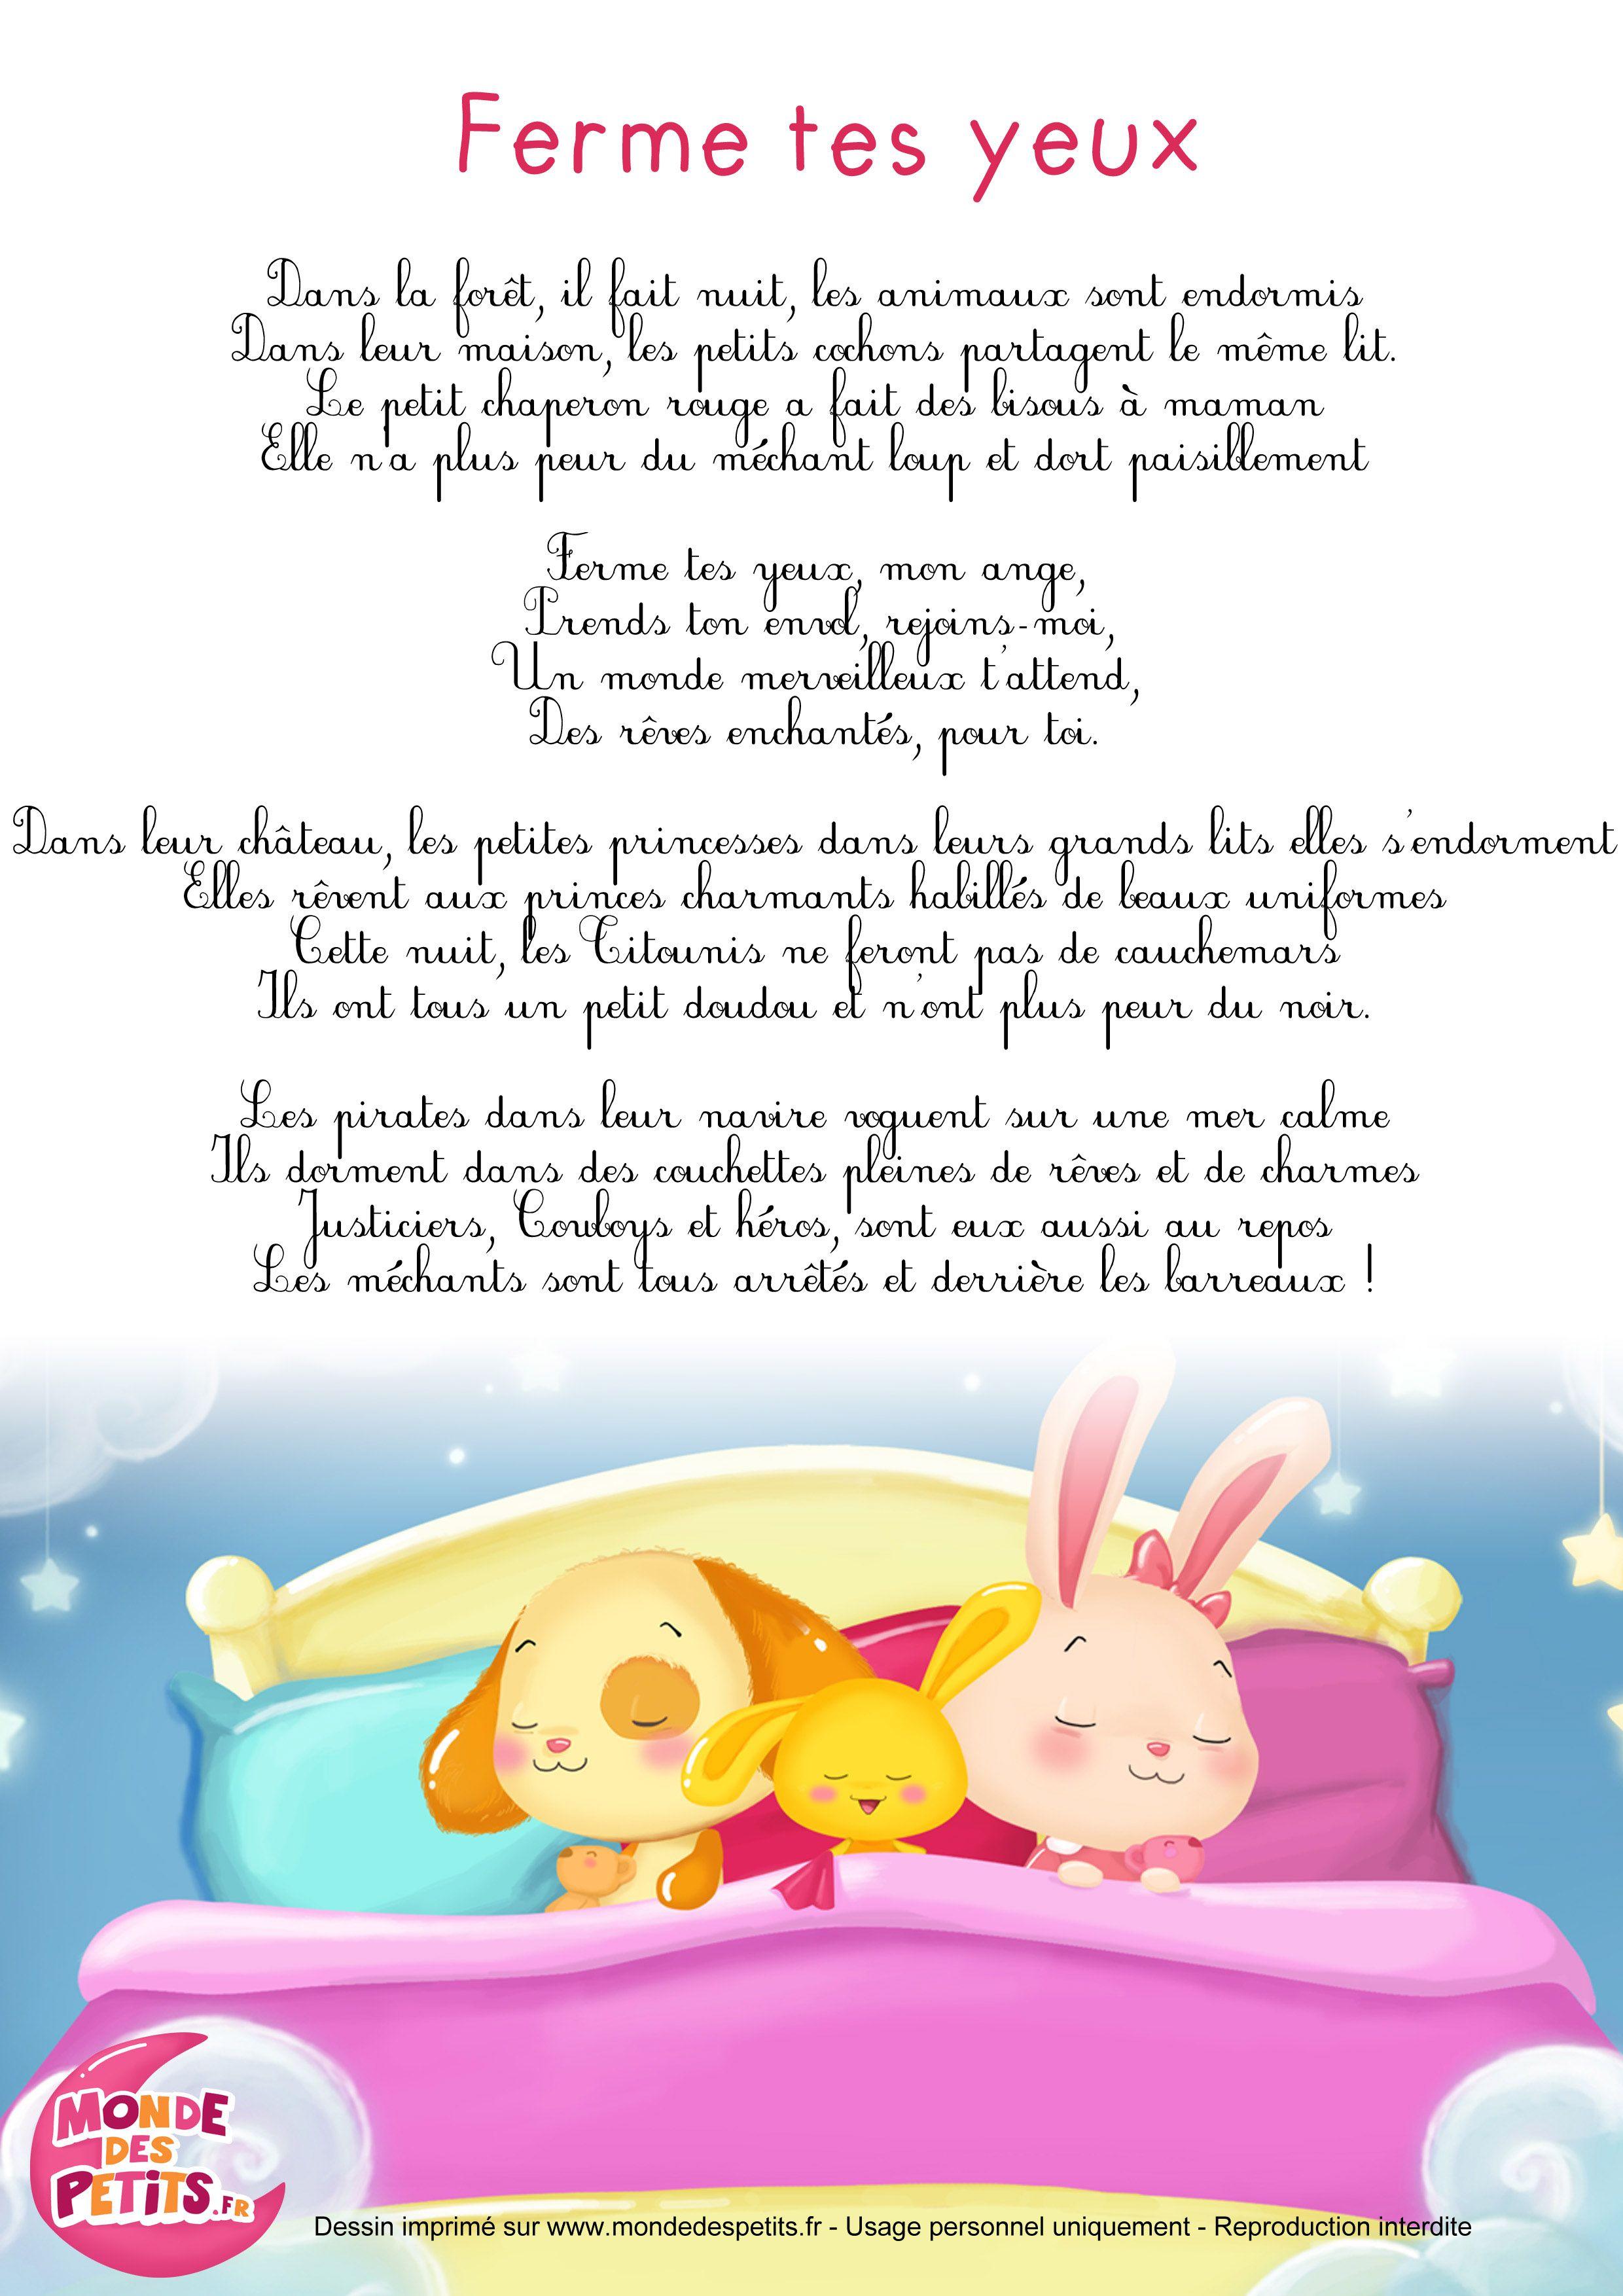 Parolesberceuse Monde Des Petits Ferme Tes Yeux Franséisch